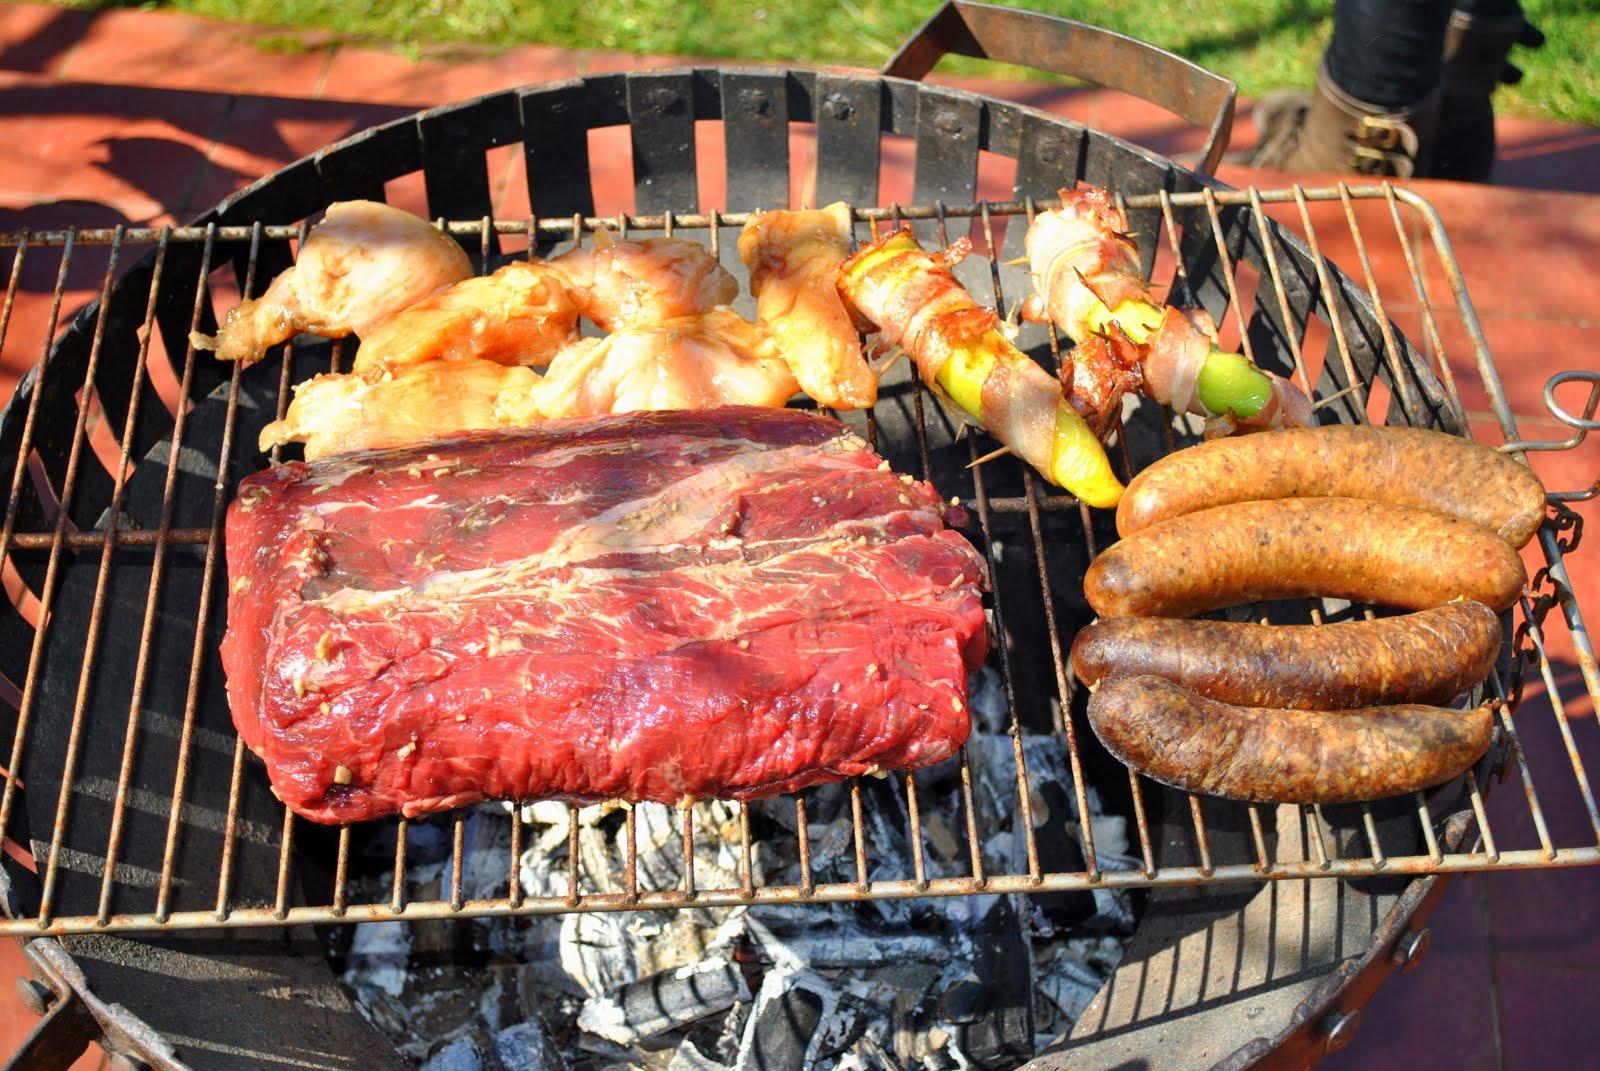 Comiendo carne fresca al aire libre gratispornocaserocom - 2 6